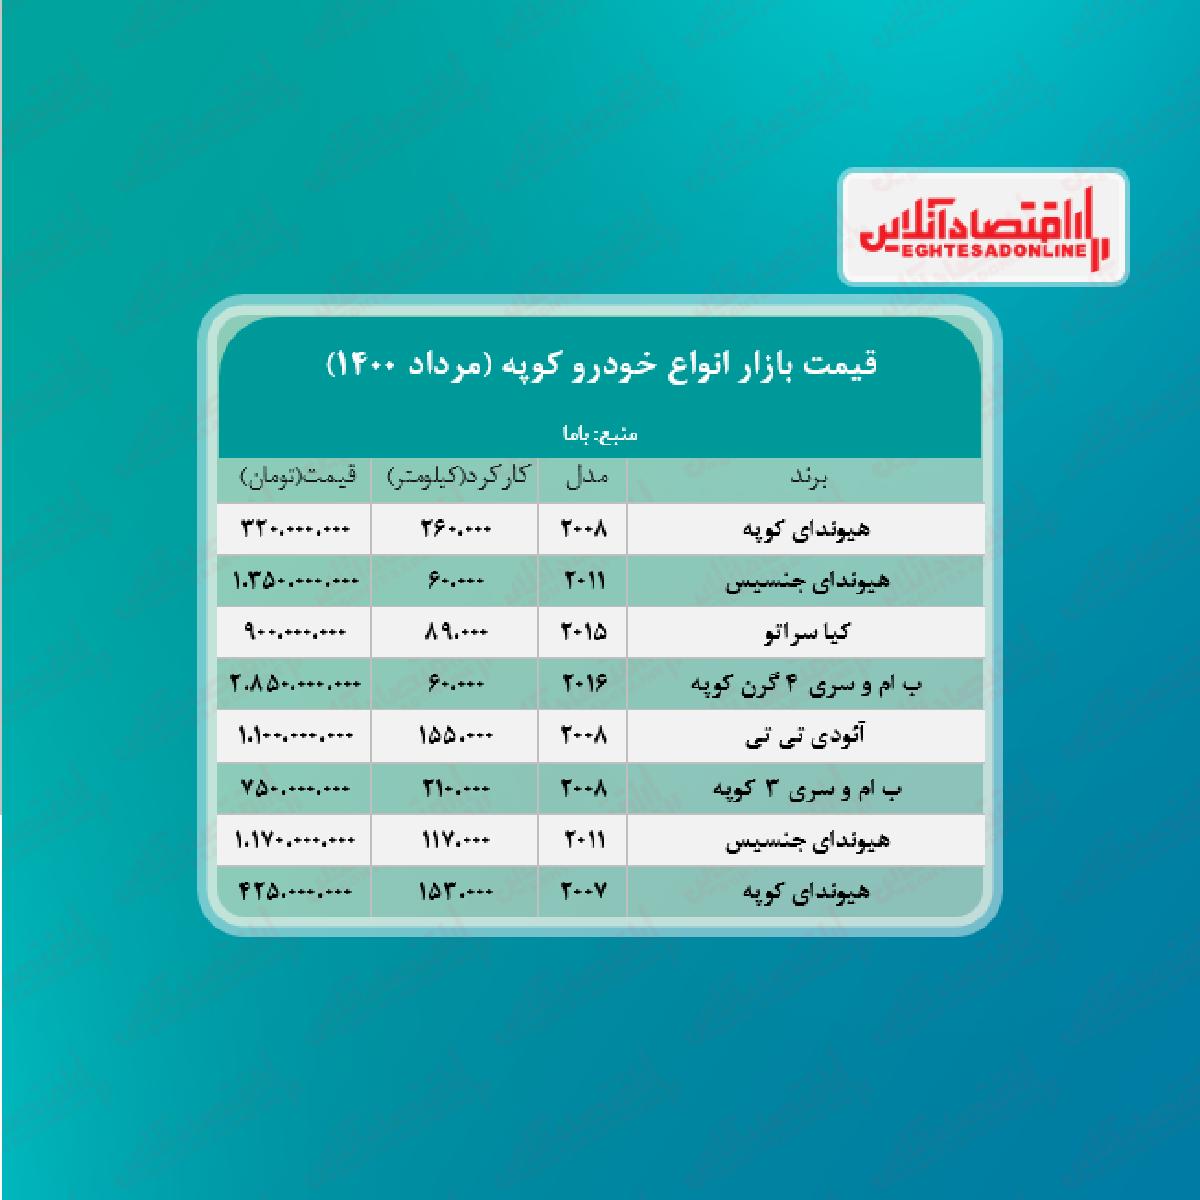 قیمت خودروهای کوپه در پایتخت